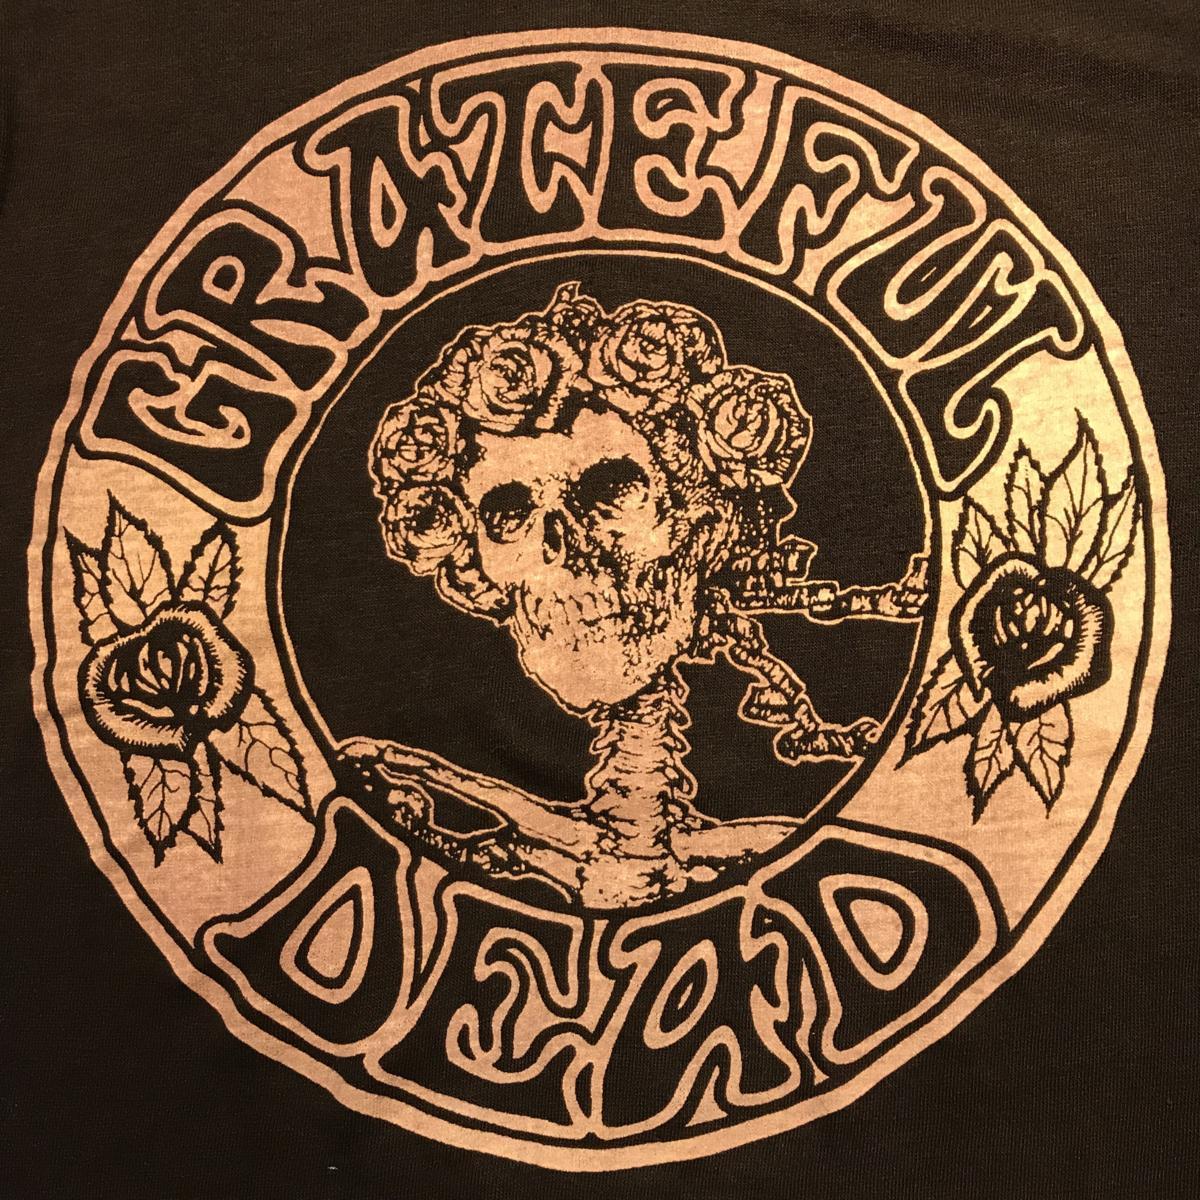 70~80'S GRATEFUL DEAD BAND T-SHIRT.(DEAD STOCK) / VINTAGE 70s 80s ビンテージ デッドストック グレイトフルデッド バンド Tシャツ_画像2